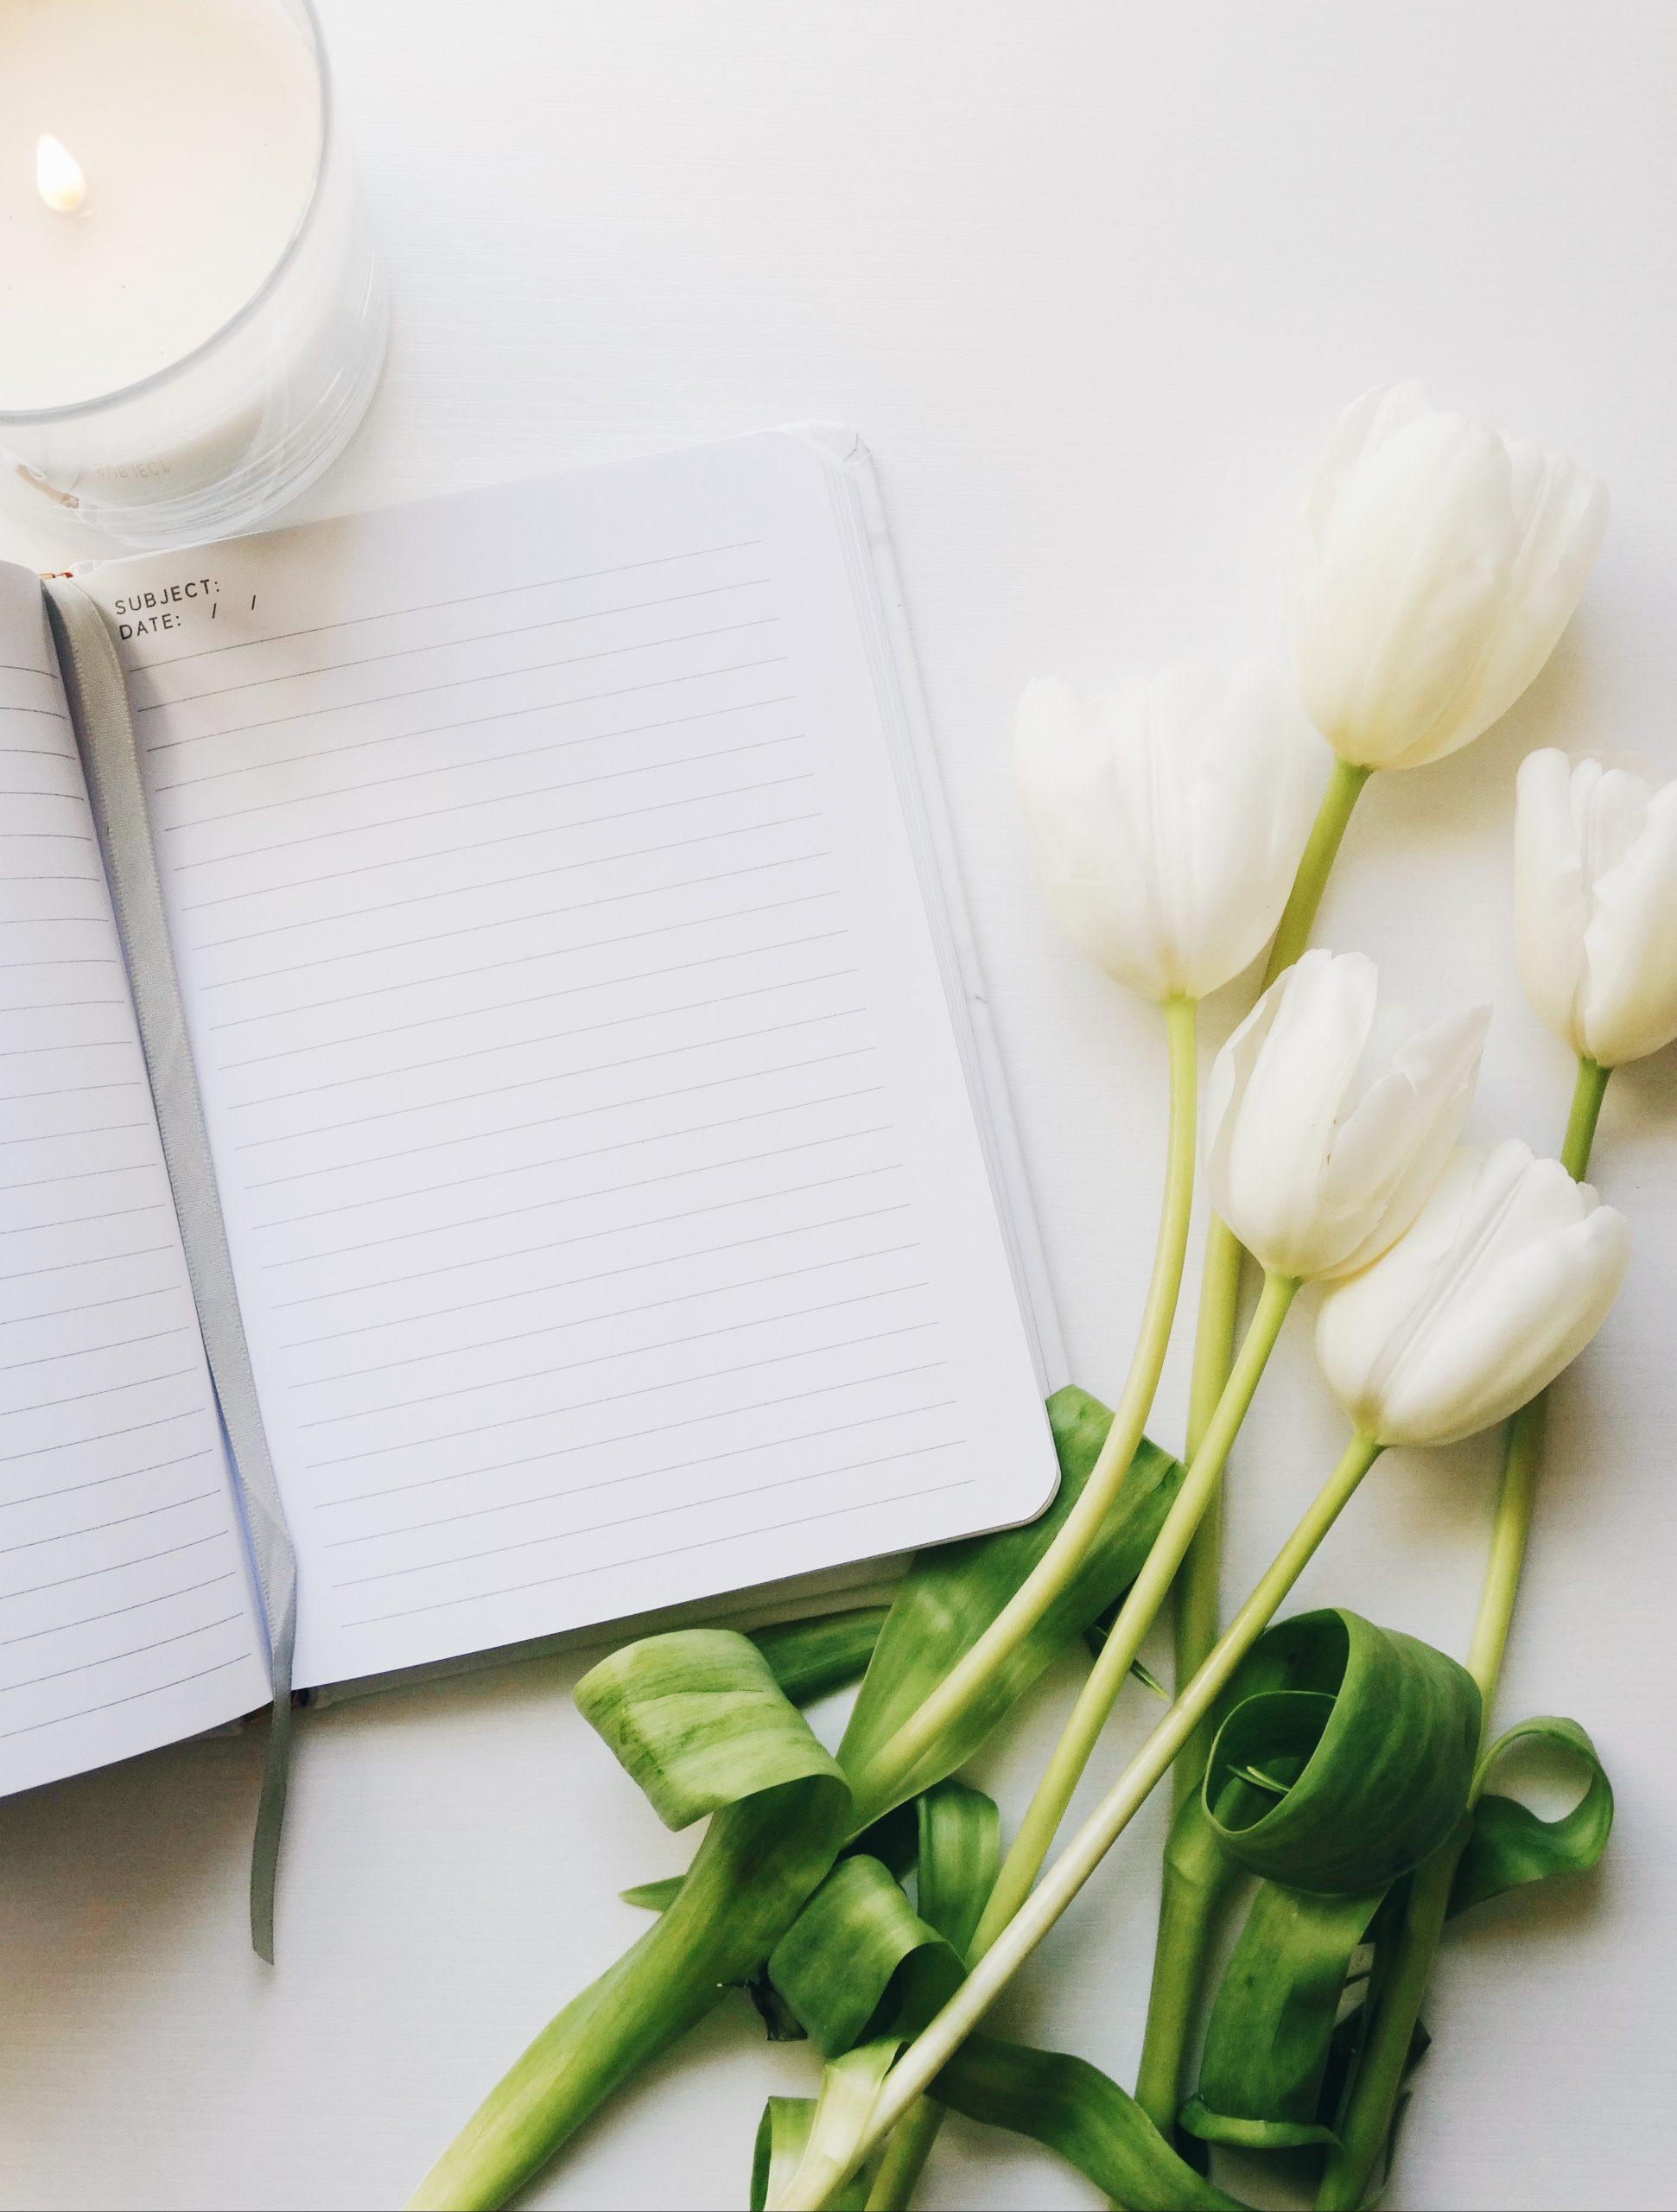 Diary Entry #21